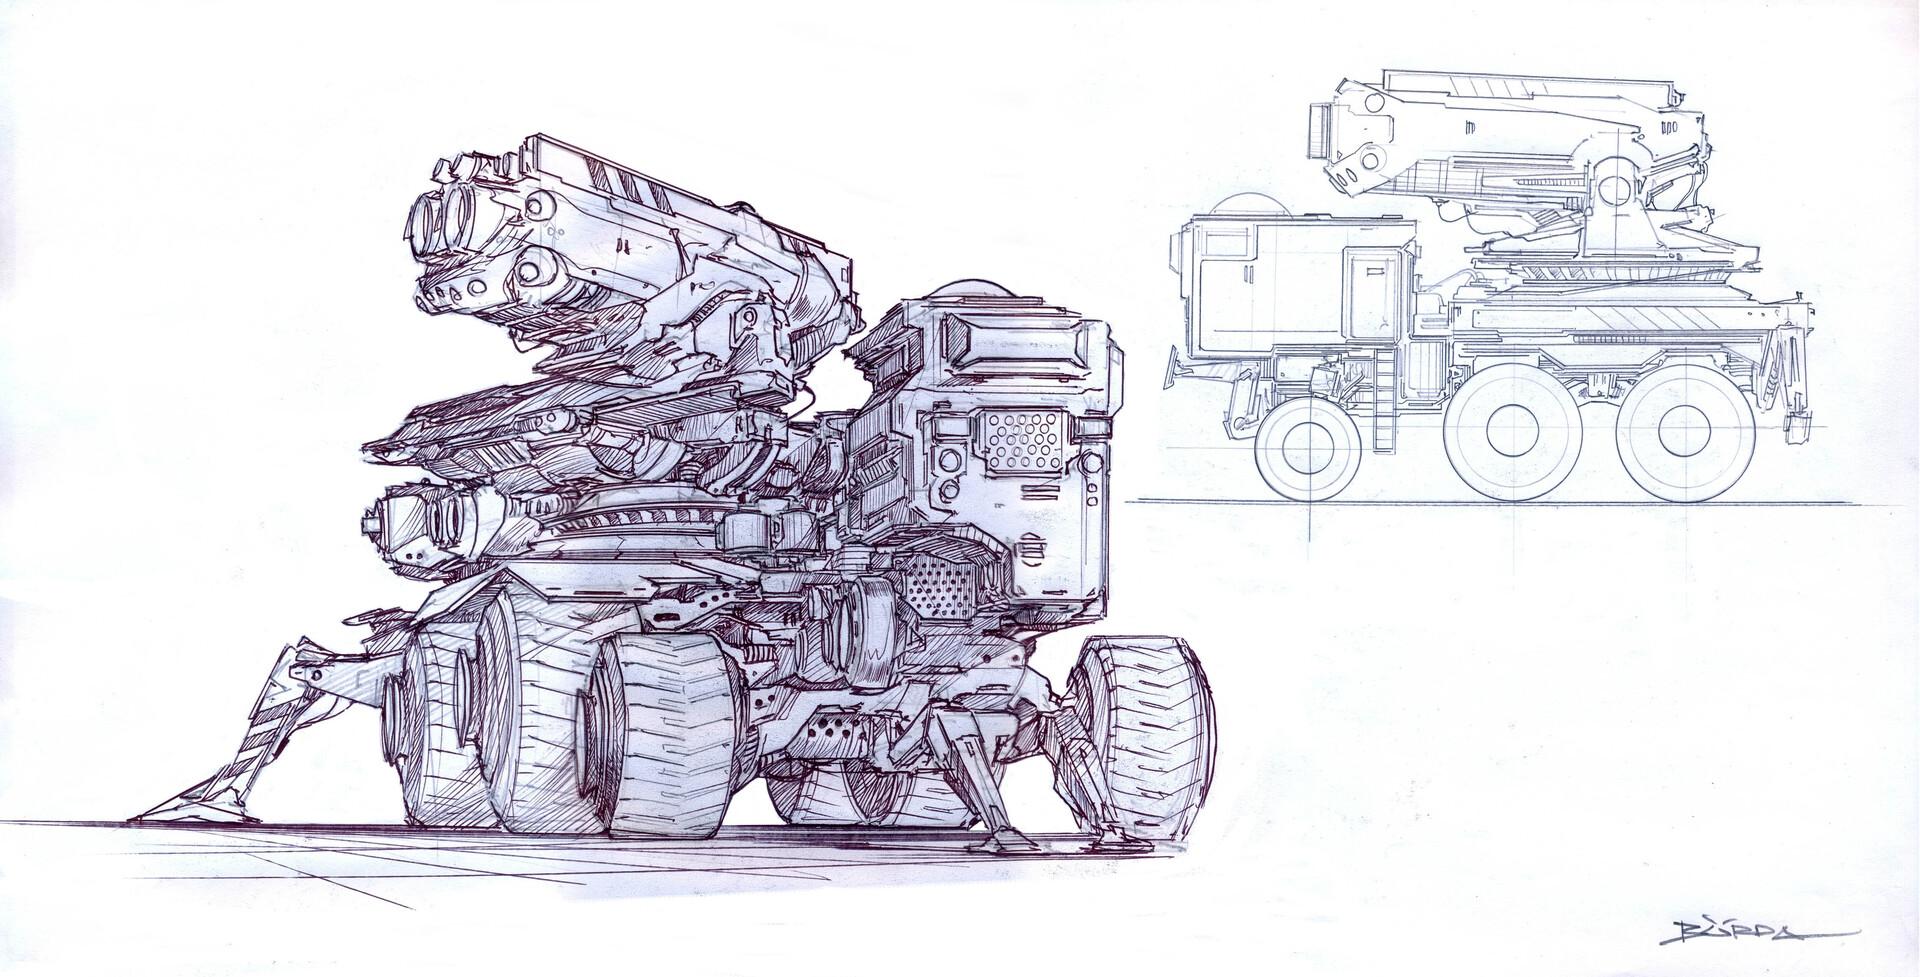 Alejandro burdisio vehiculos conceptos lapiz3 artstation